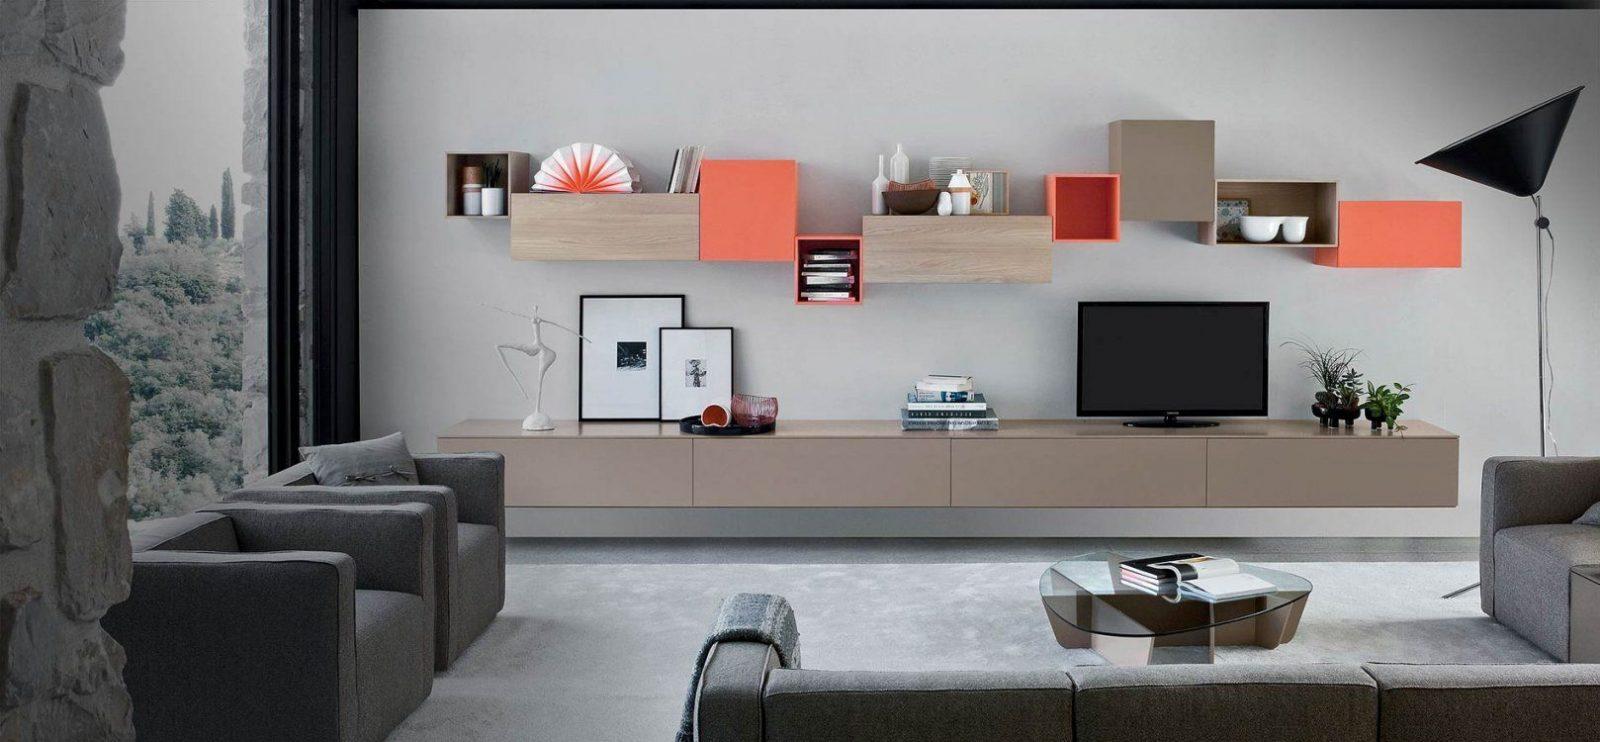 Hängende Lowboards ⇒ 120300 Cm Breite ⇒ In 30 Farben von Tv Lowboard Zum Aufhängen Photo